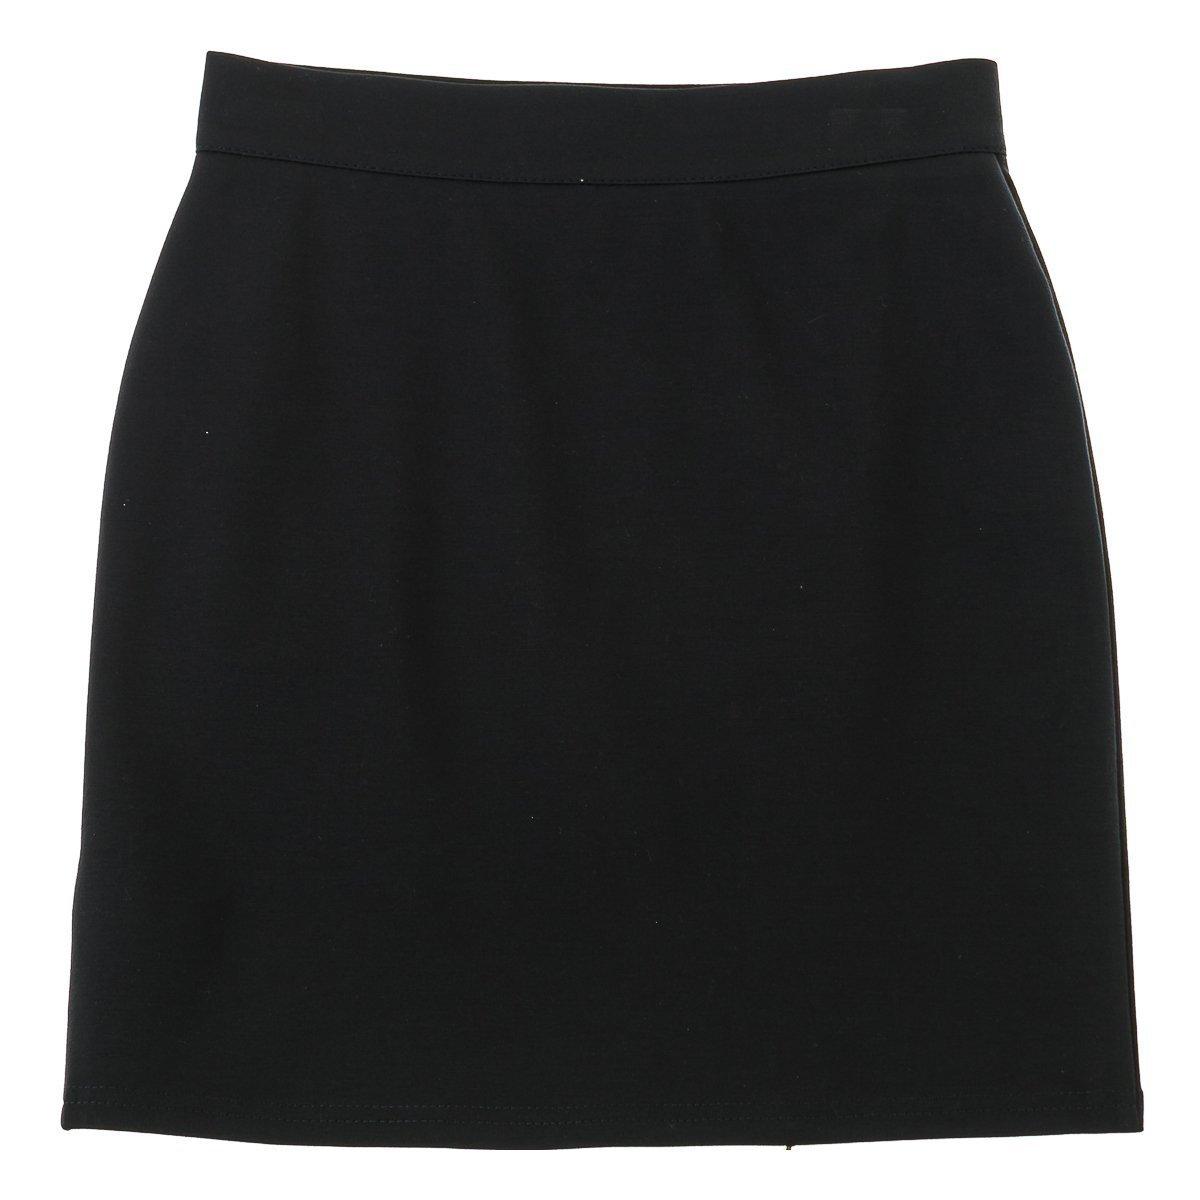 Купить Платья, сарафаны, юбки, Юбка Mevis Black Coal, р. 164 2366-01 ТМ: Mevis, черный